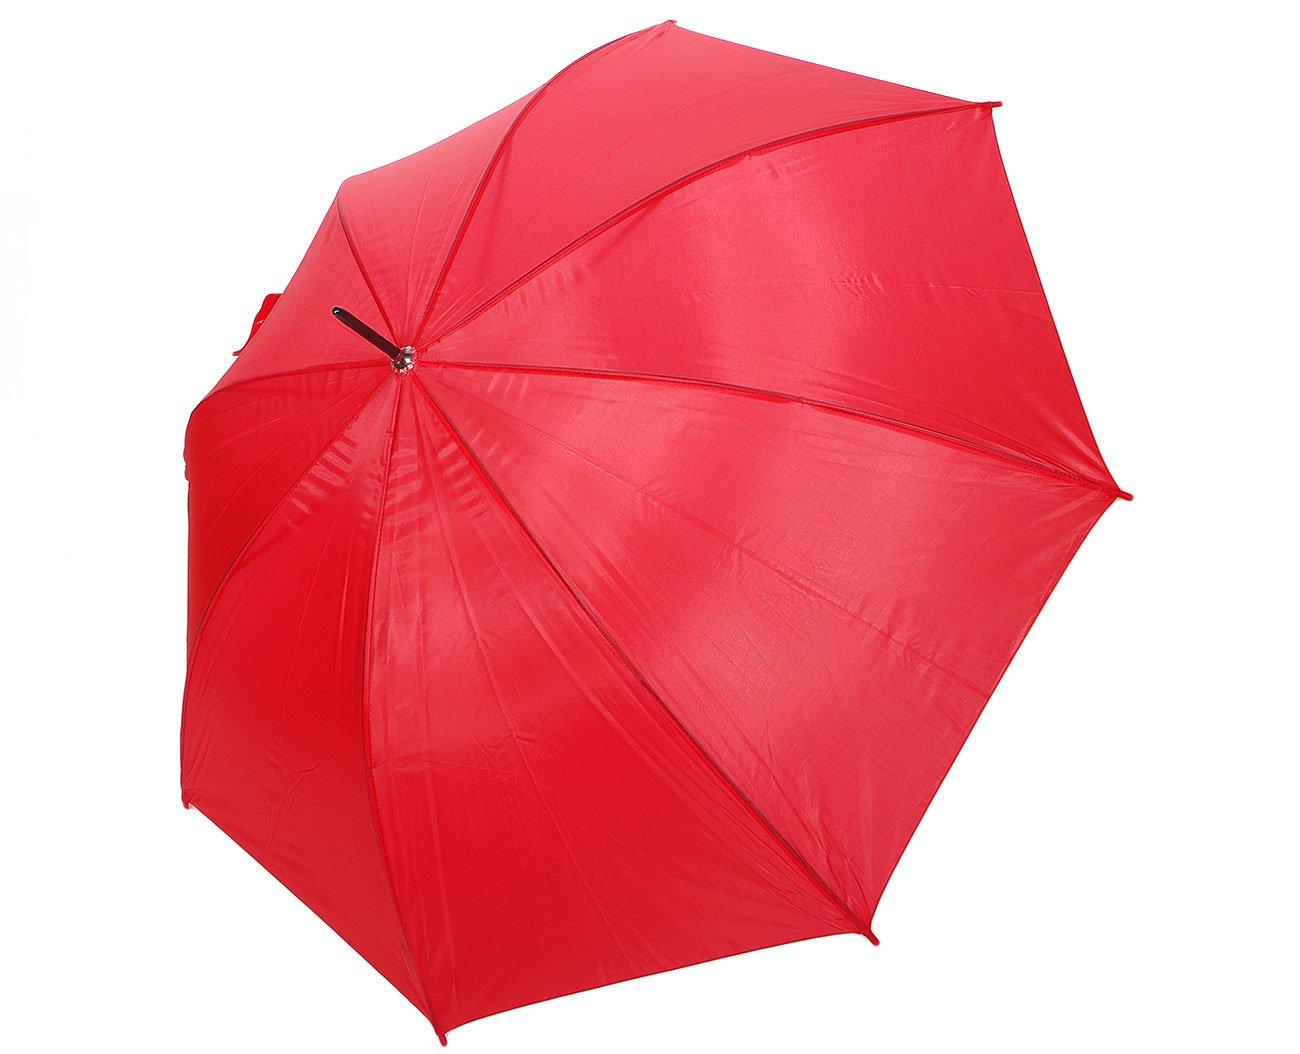 Perletti 12018 Rosso parasol